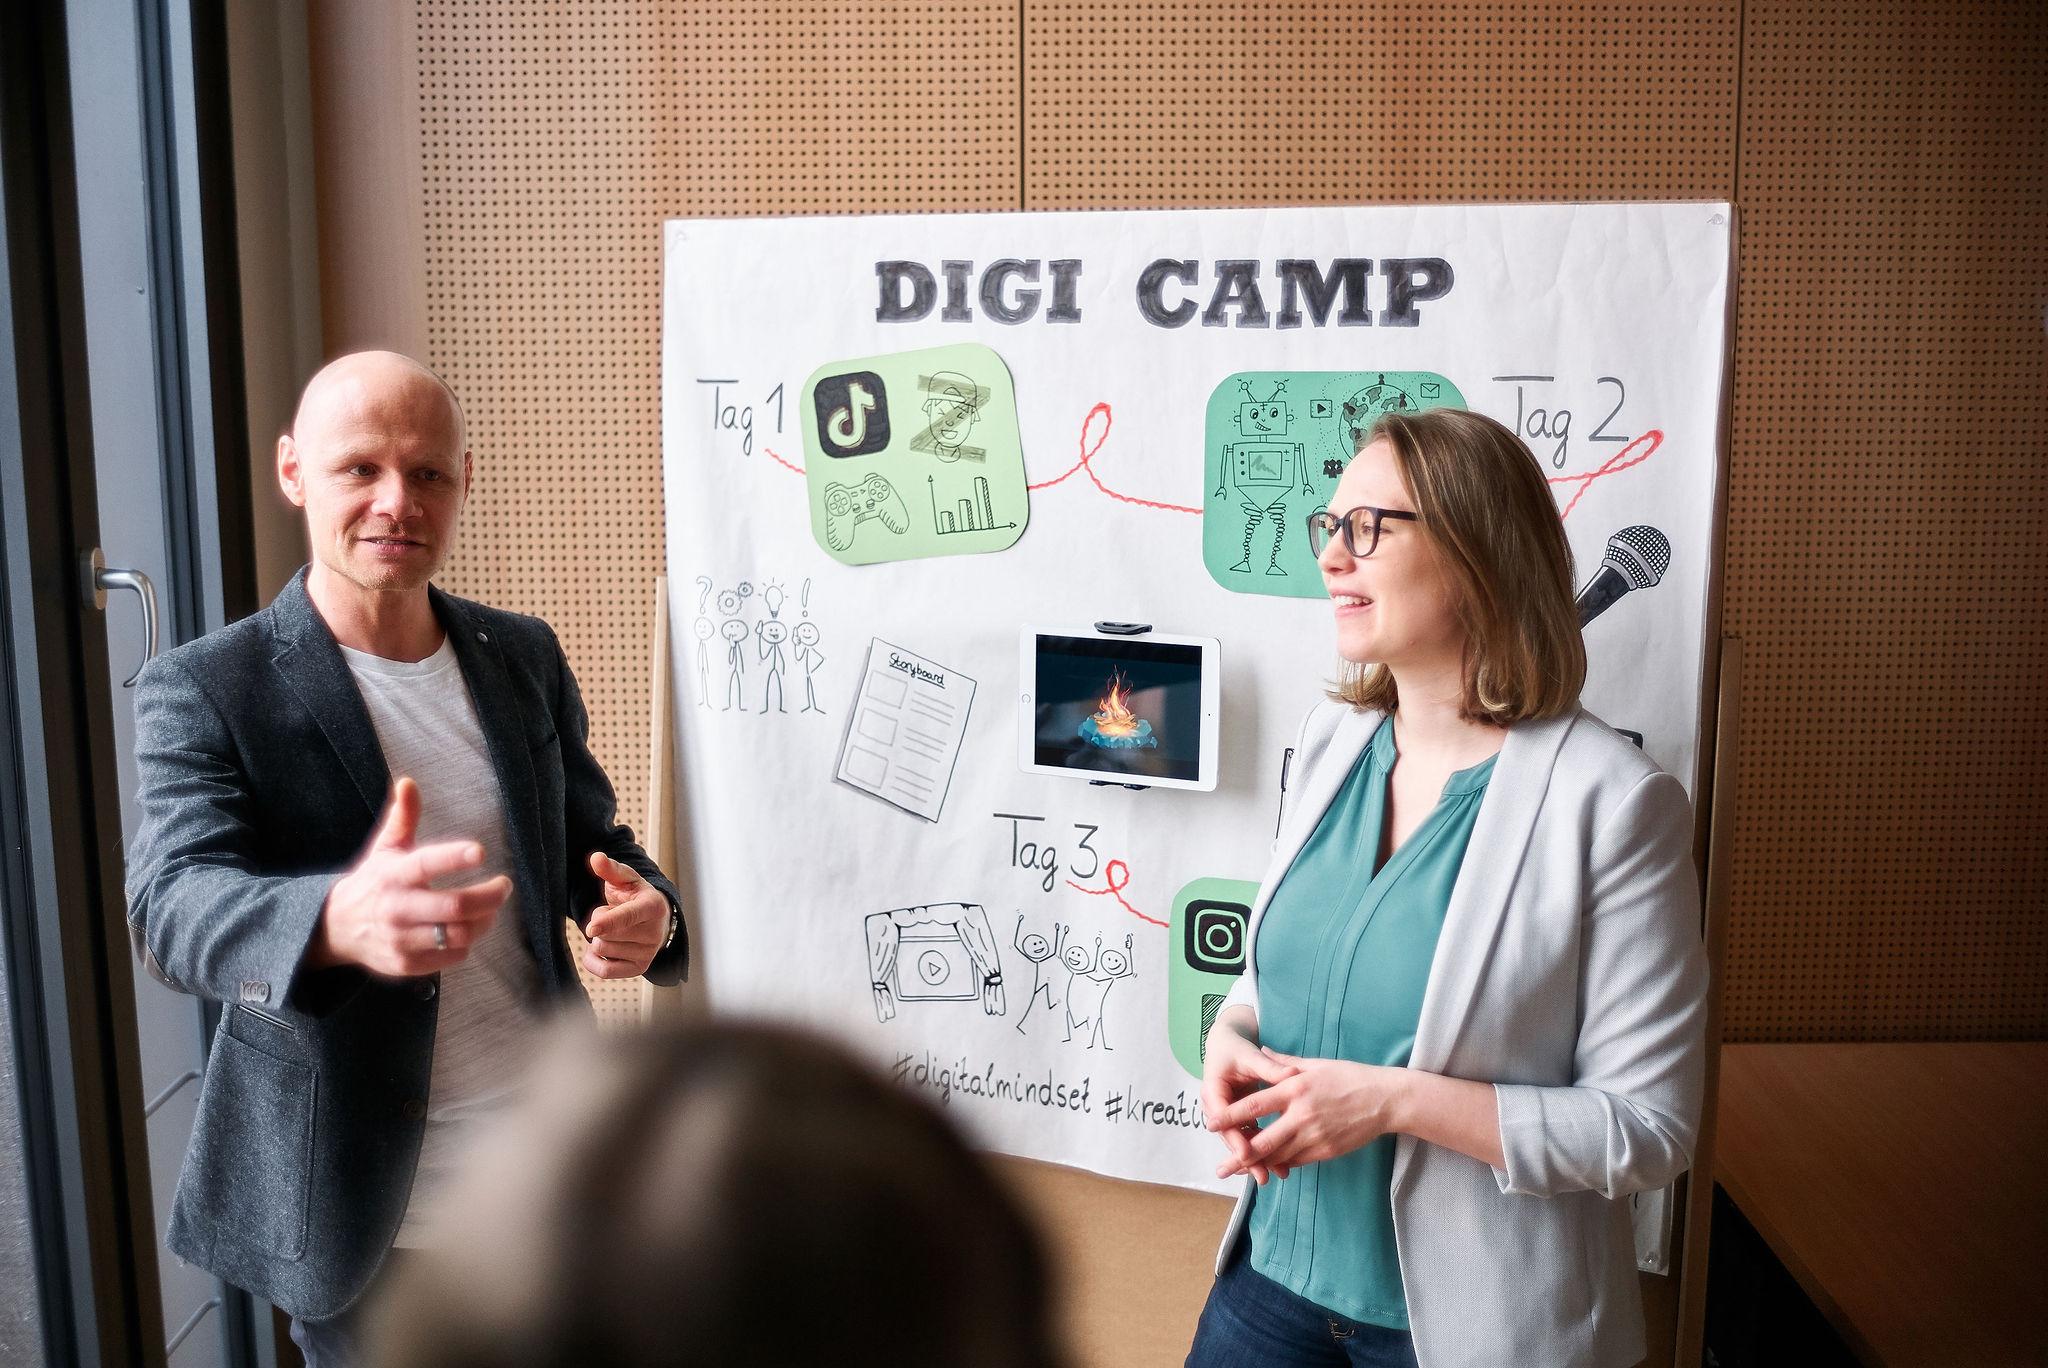 Zwei Personen vor einer Wand mit Planungen zu einem Digi-Camp